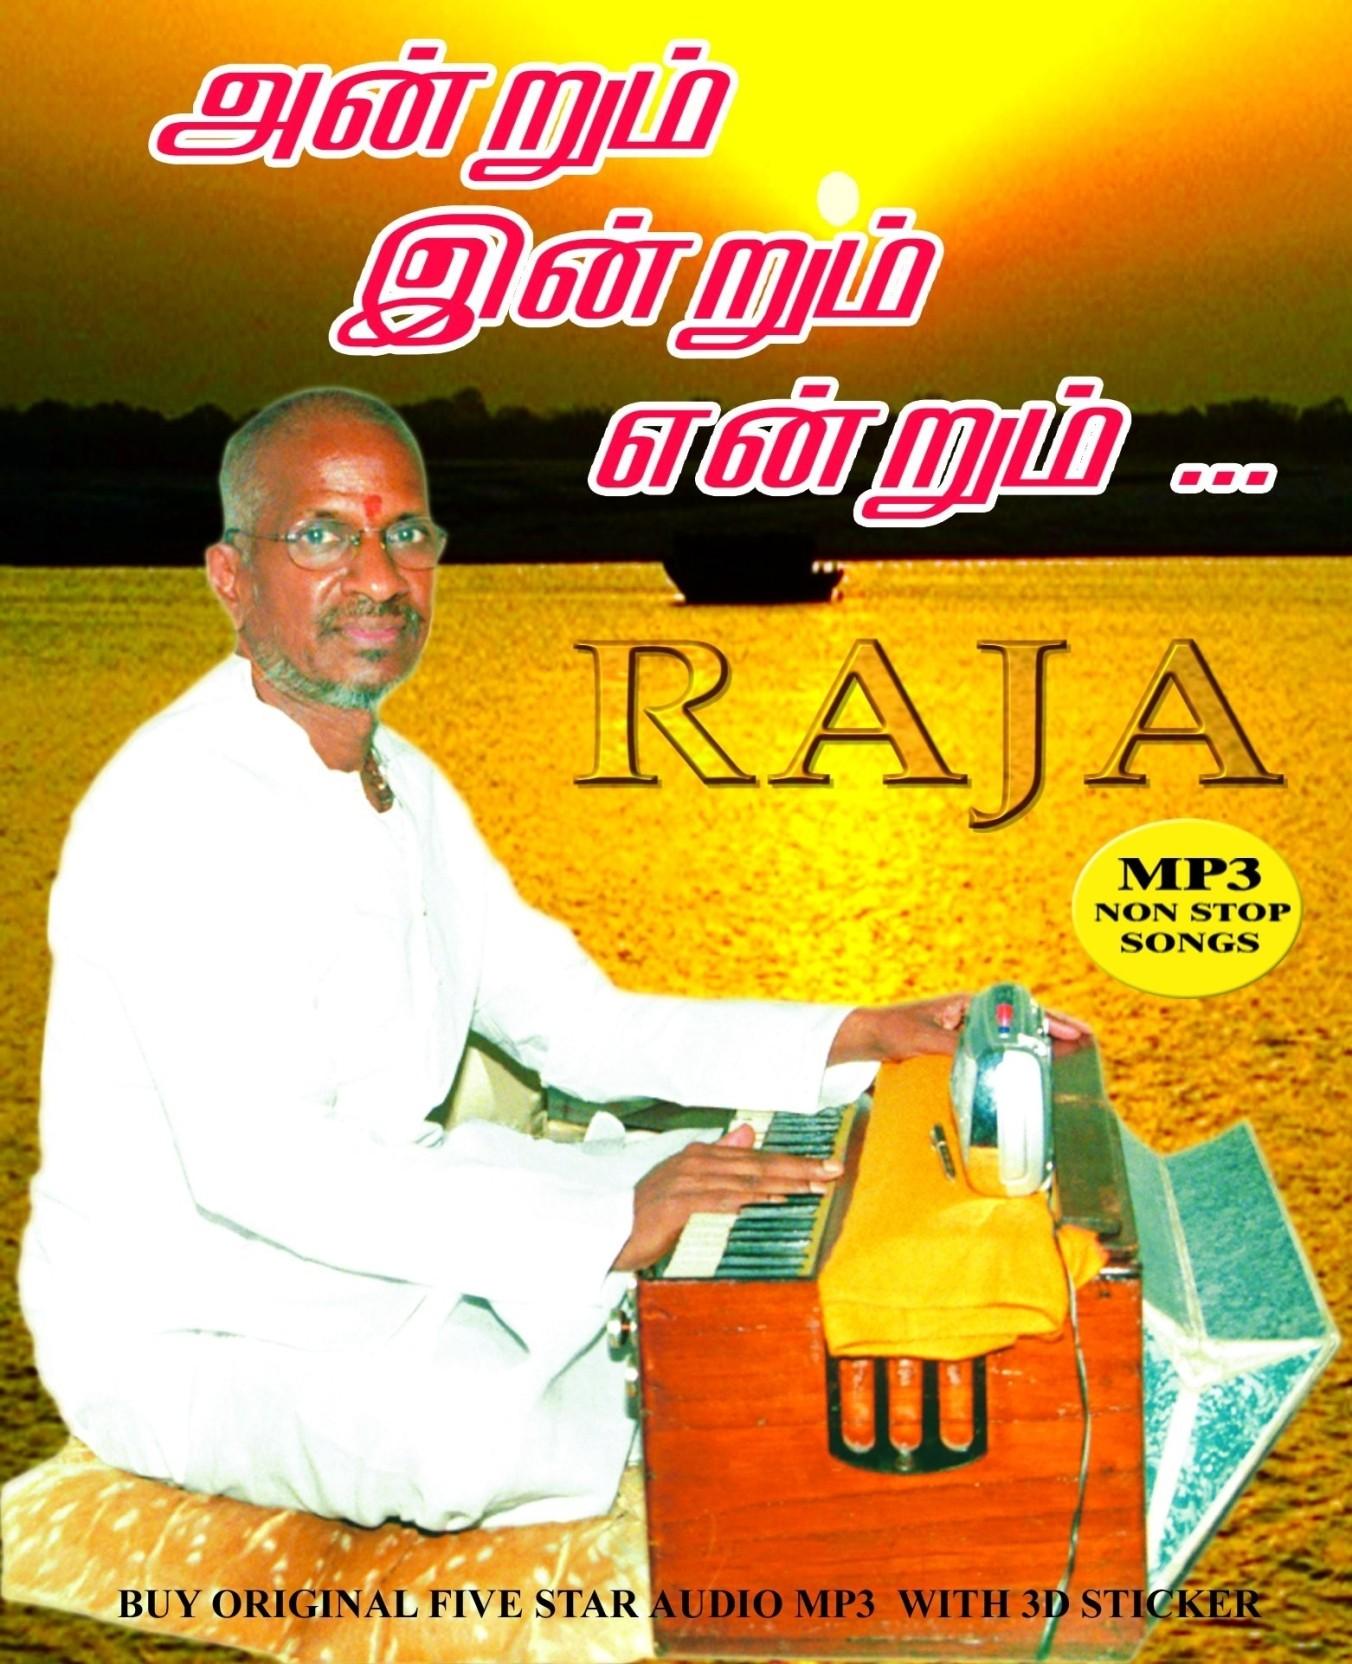 Download Tamil Mp3 Songs: Ilayaraja Hits 2